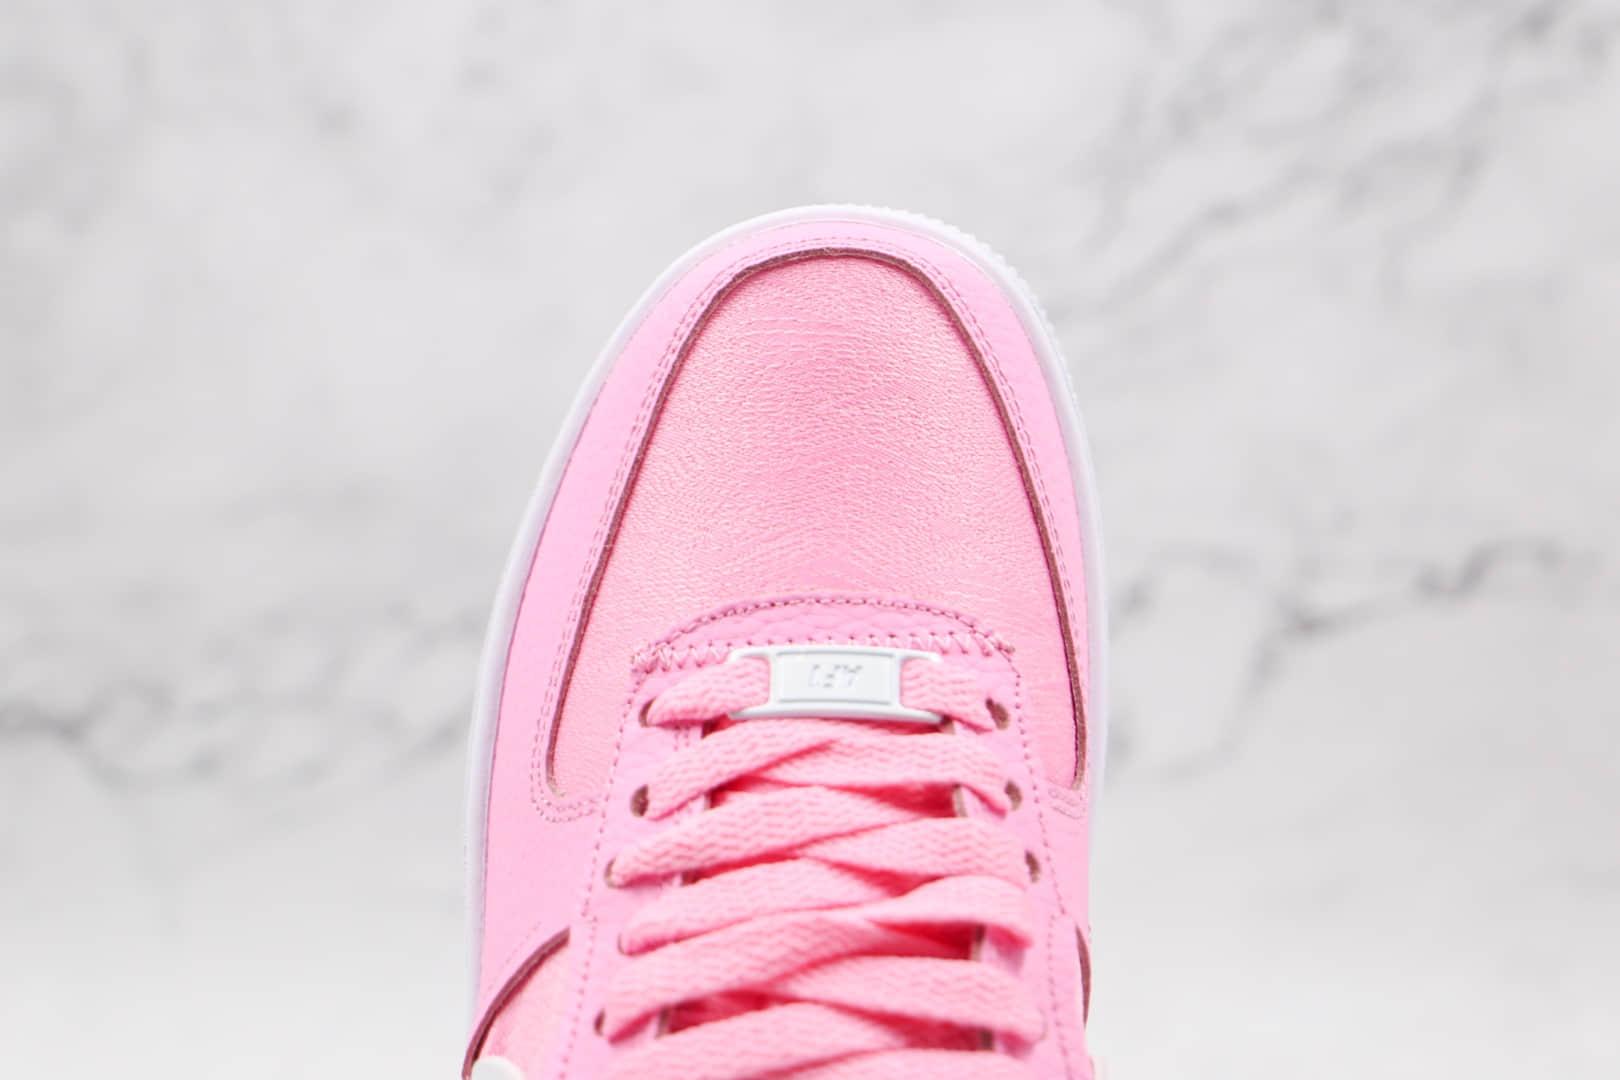 耐克Nike AIR FMRCE 1纯原版本低帮空军一号粉色断钩板鞋内置全掌Sole气垫 货号:DJ6904-600